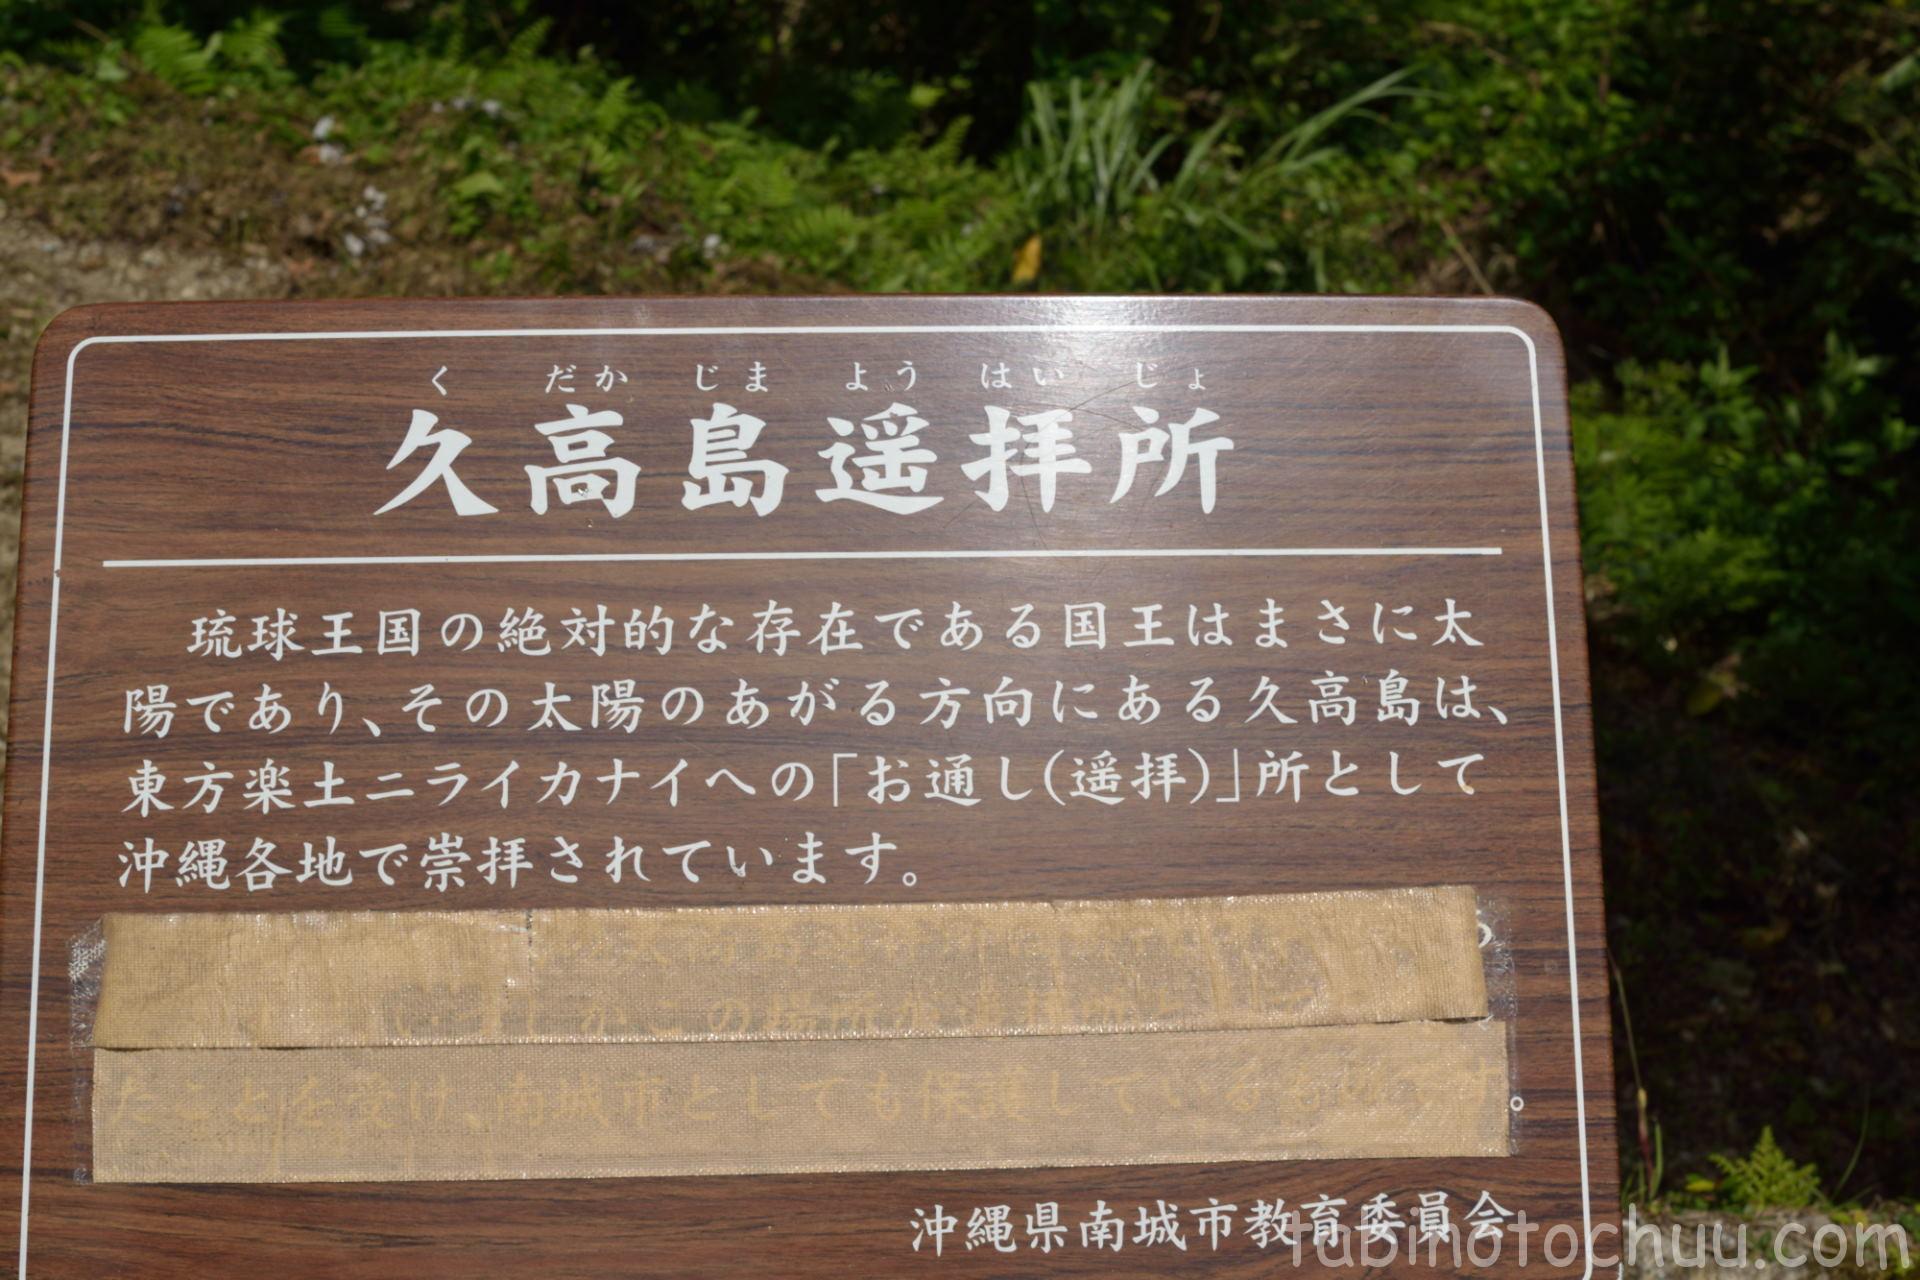 斎場御嶽 久高島遥拝所